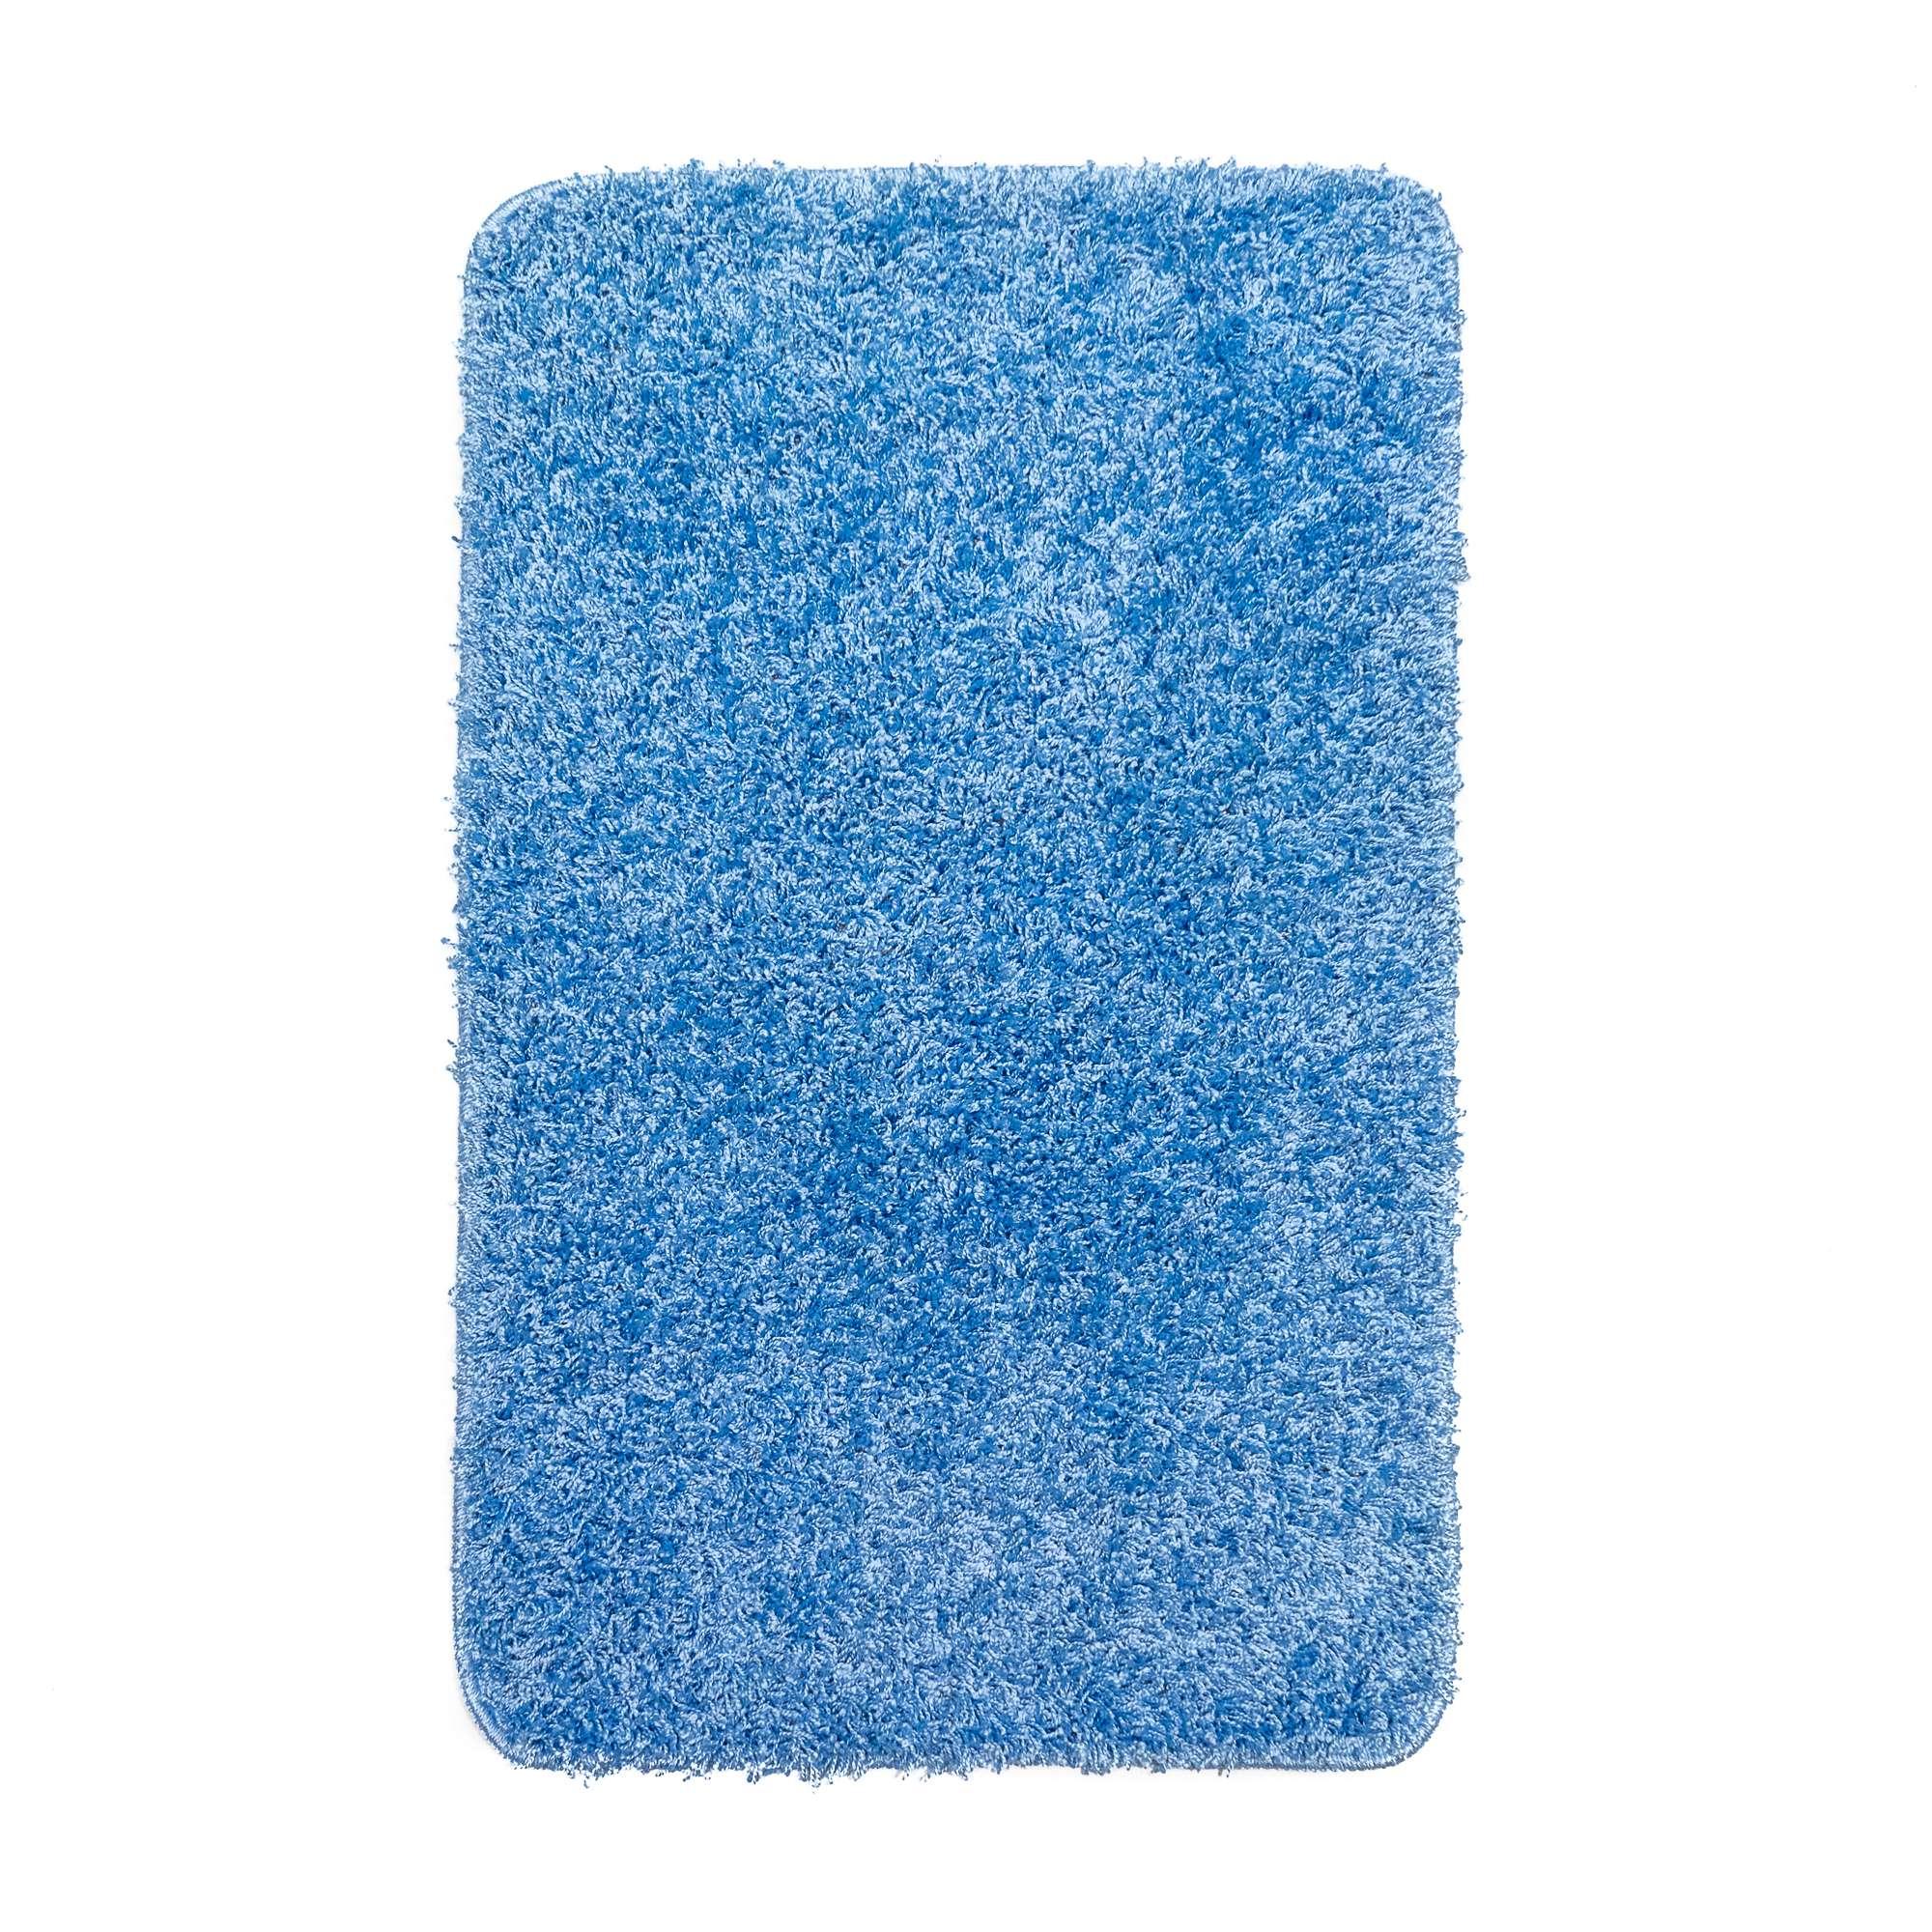 Tappeto SOFT PLAIN Blu